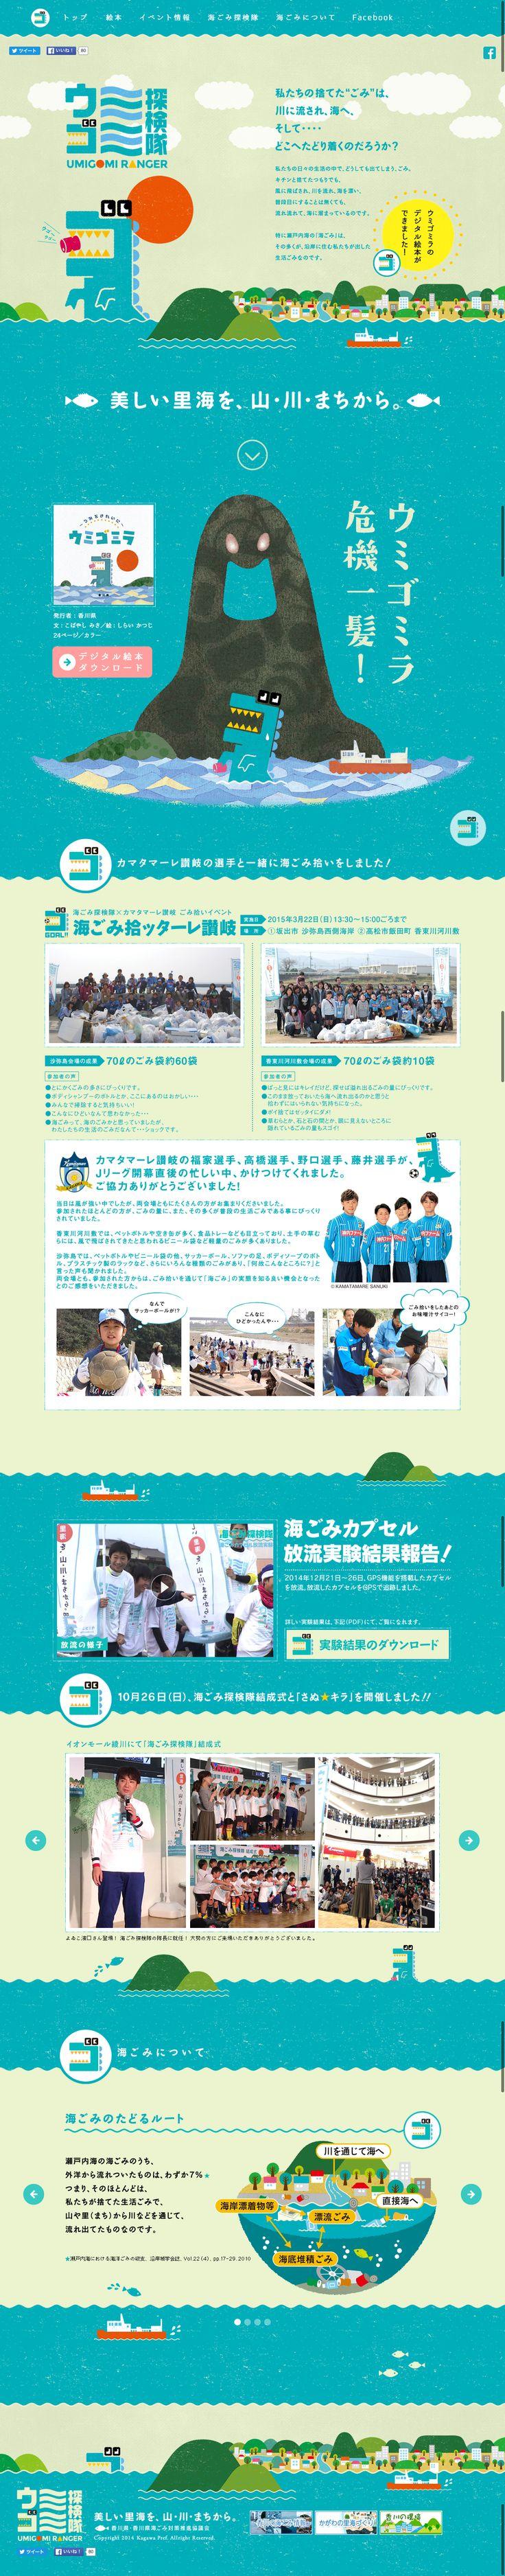 海ごみ探検隊 香川県海ごみ対策推進協議会 海・青・水色・イラスト